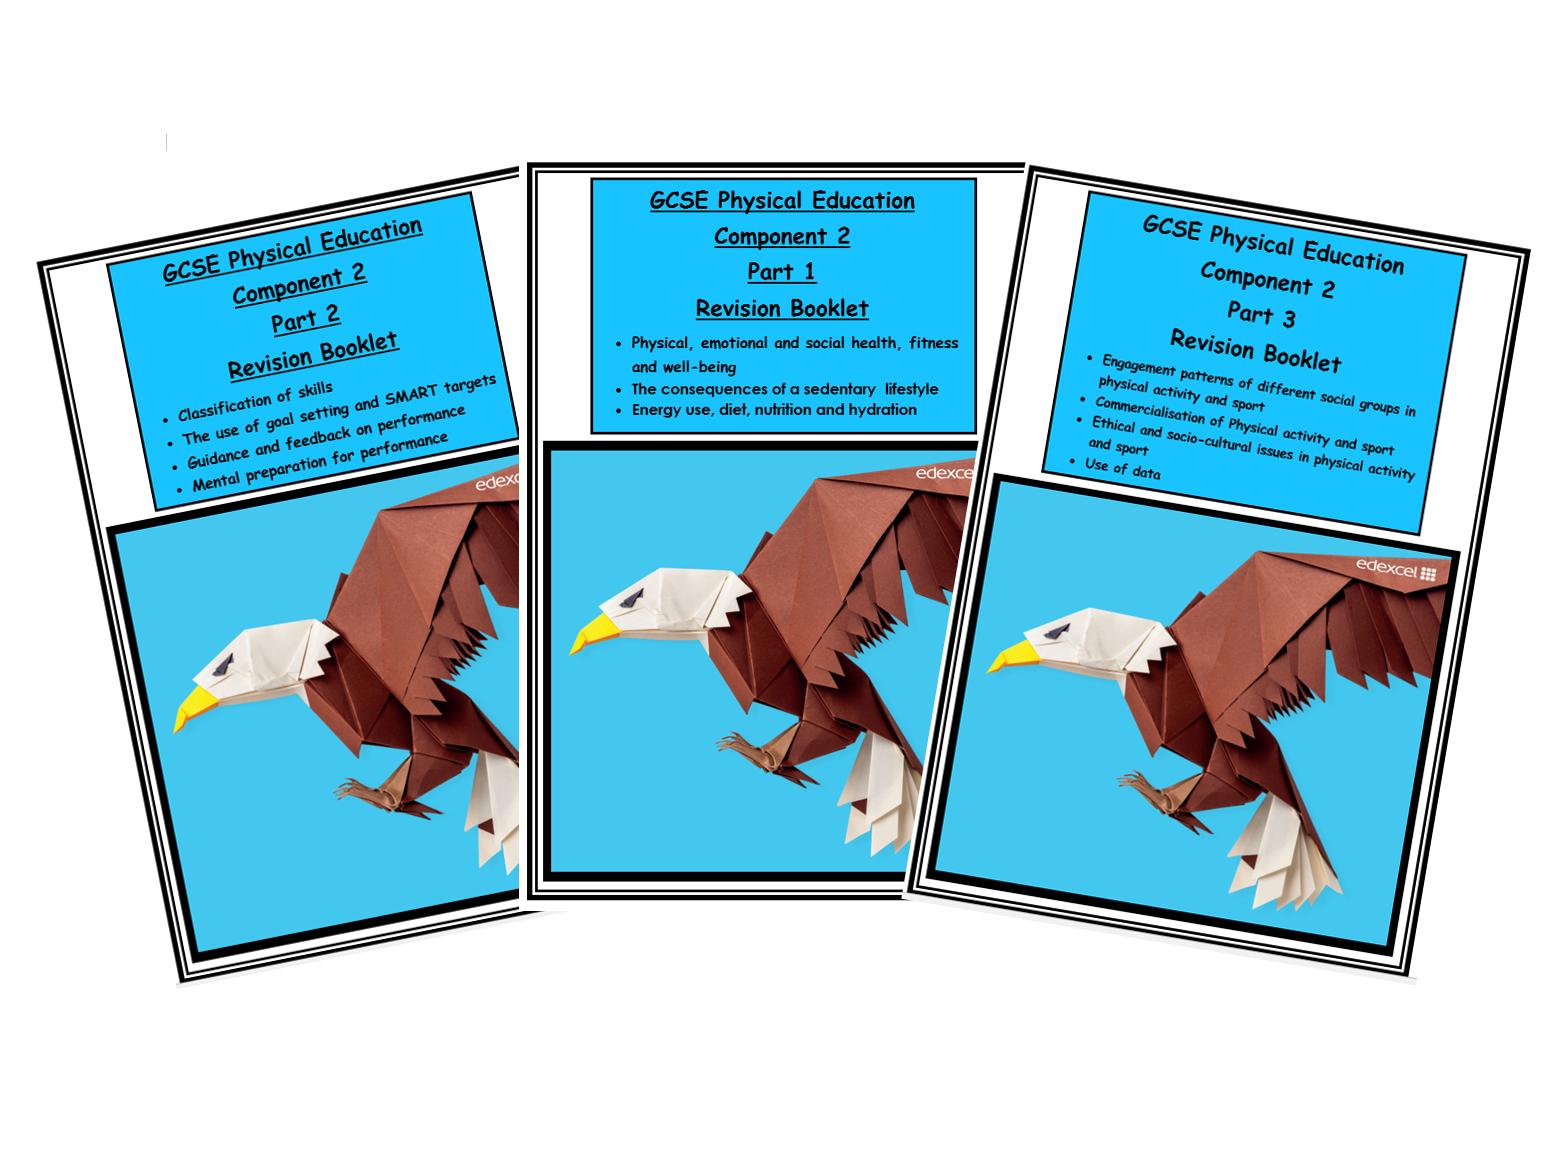 GCSE PE - Component 2 - Complete Revision  Booklets